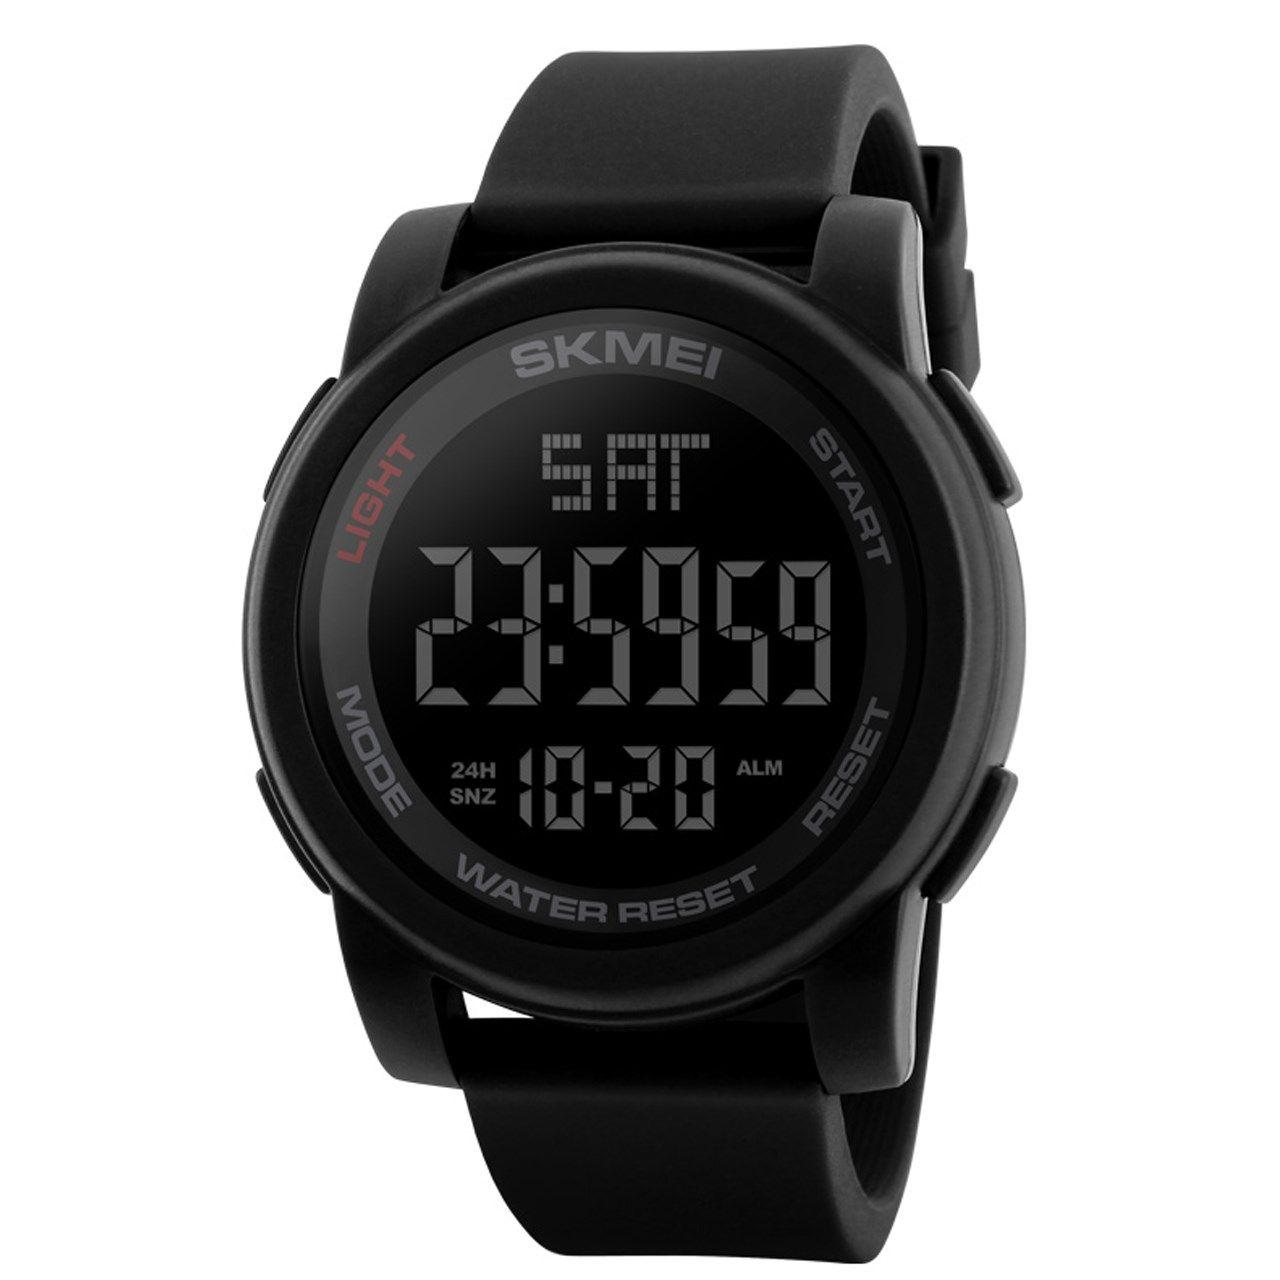 ساعت مچی دیجیتالی اسکمی مدل 1257 -  - 2